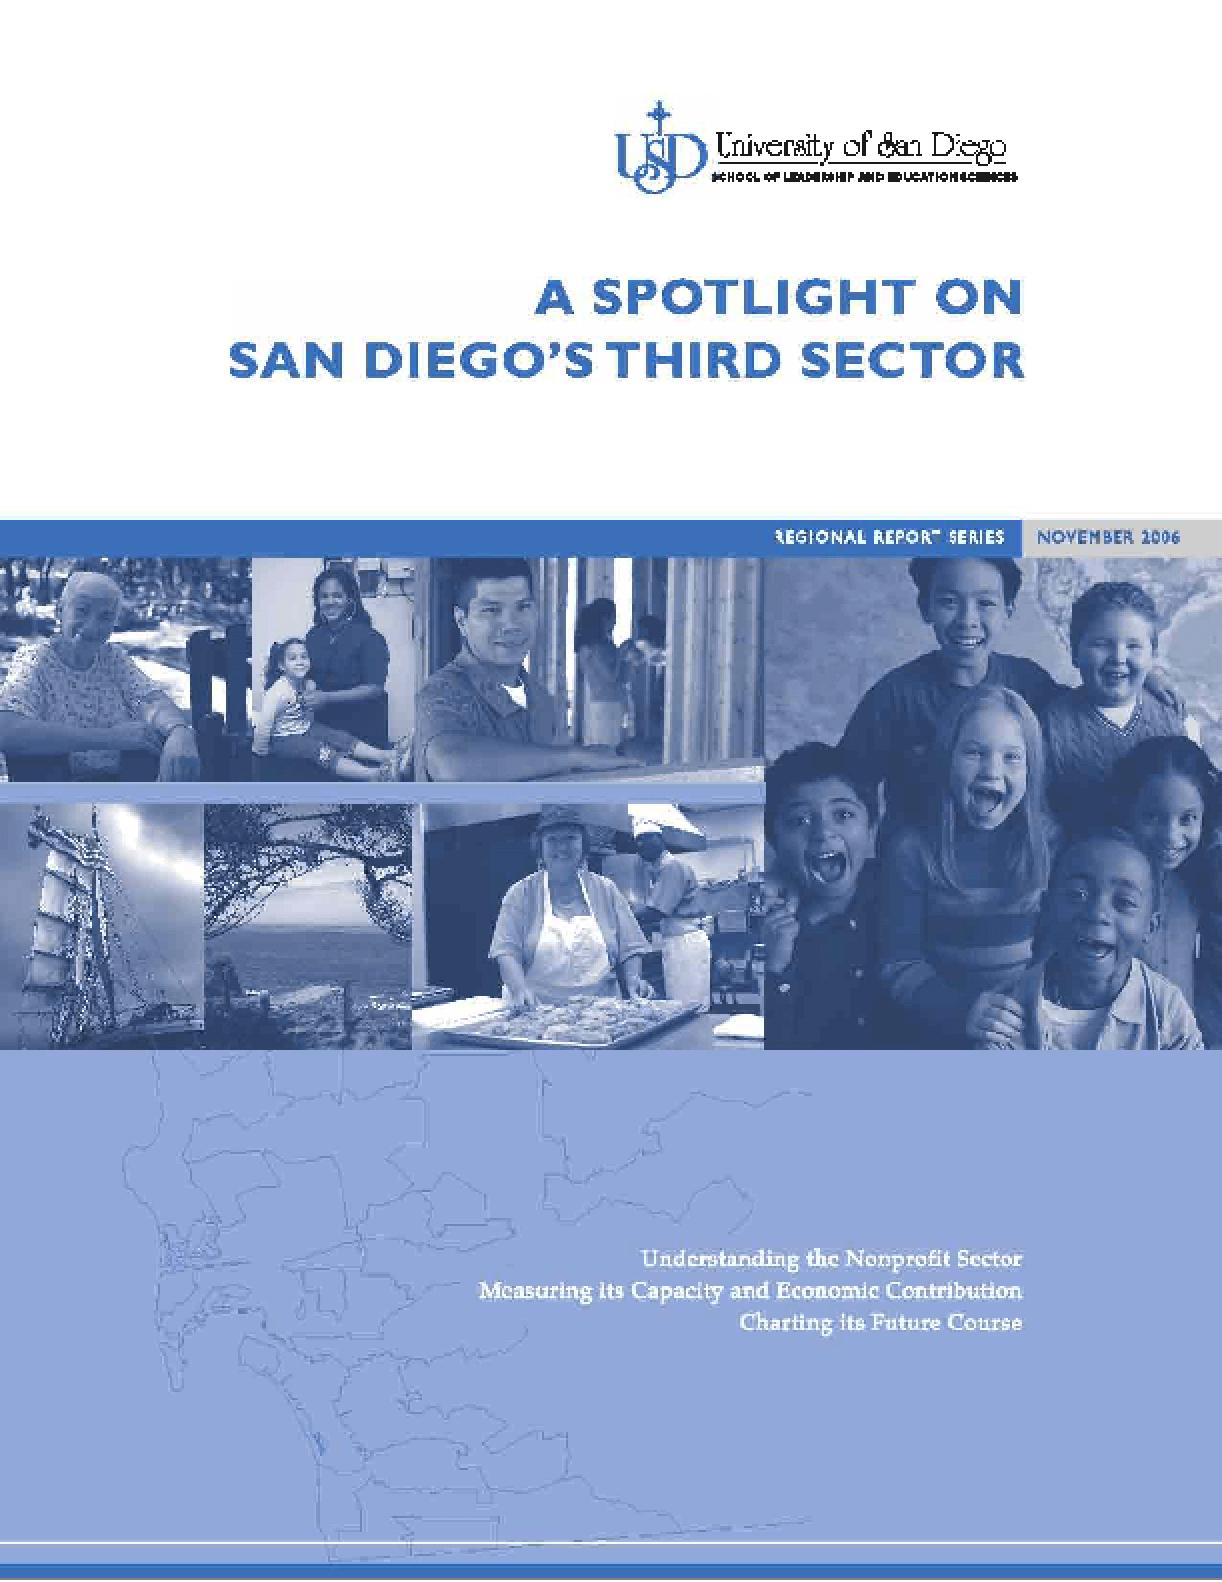 A Spotlight on San Diego's Third Sector